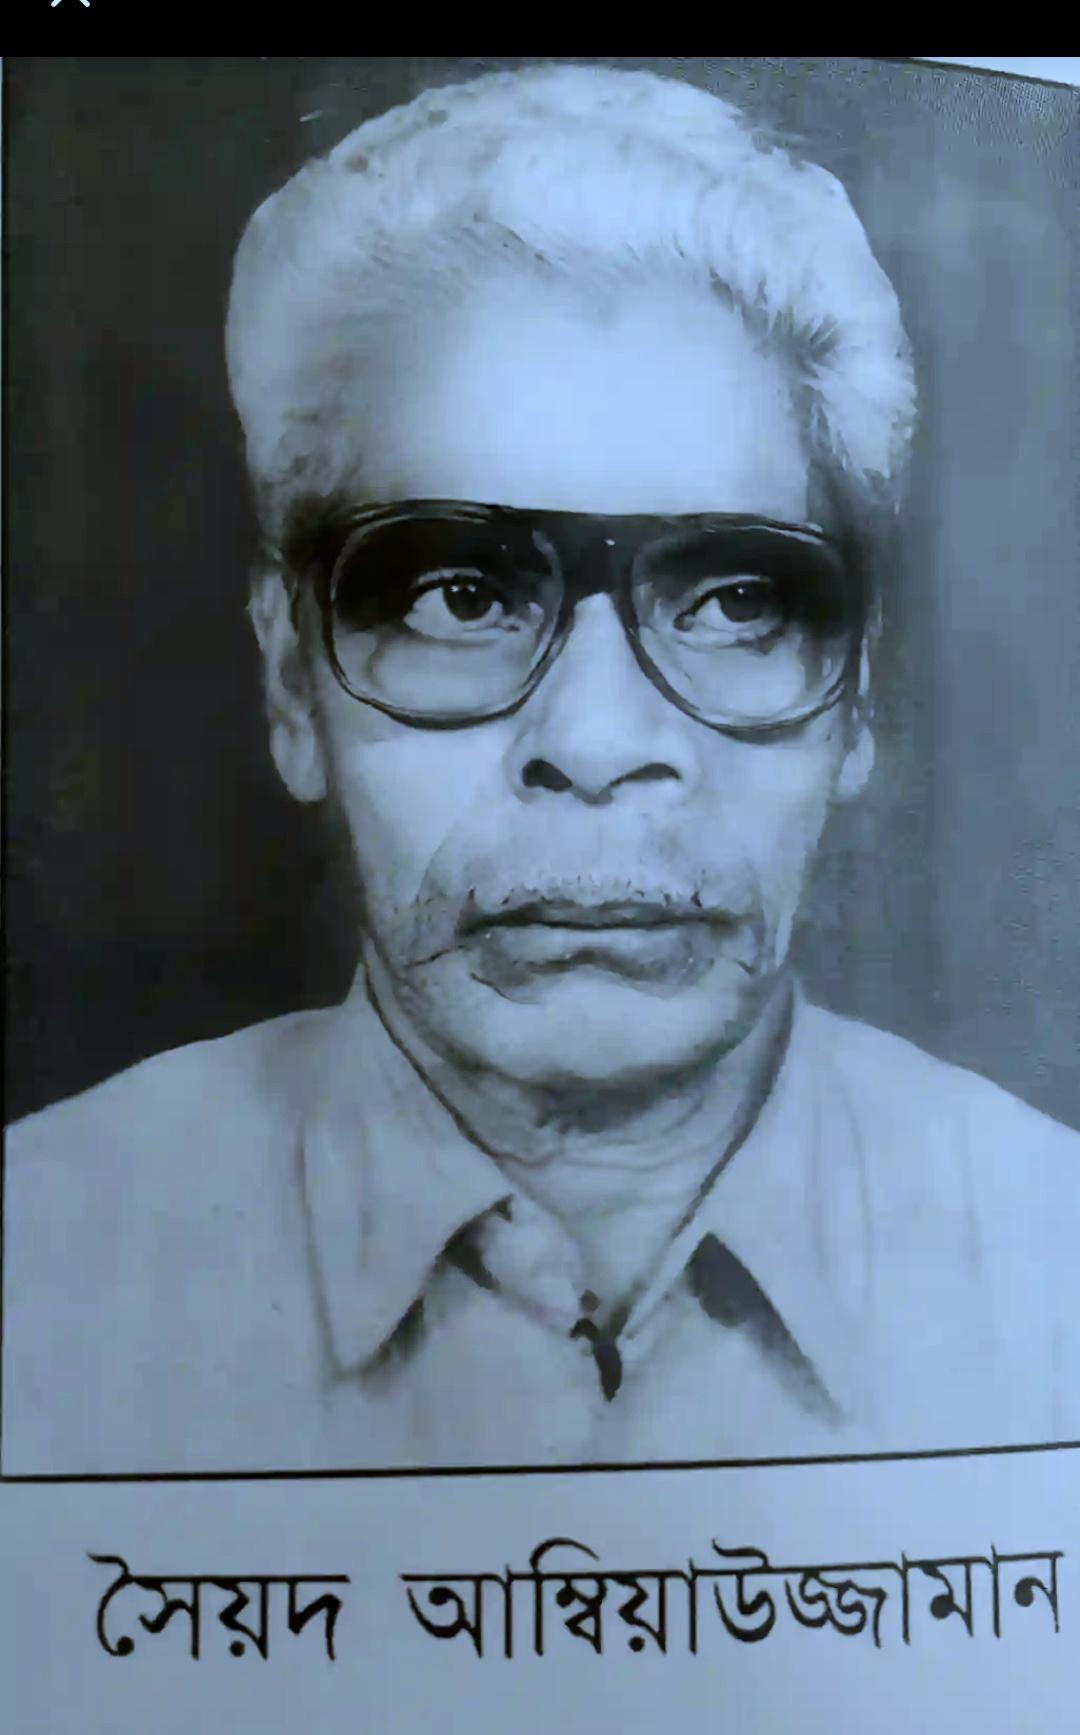 সৈয়দ আম্বিয়াউজ্জামানের ১৩তম মৃত্যুবার্ষিকী আজ